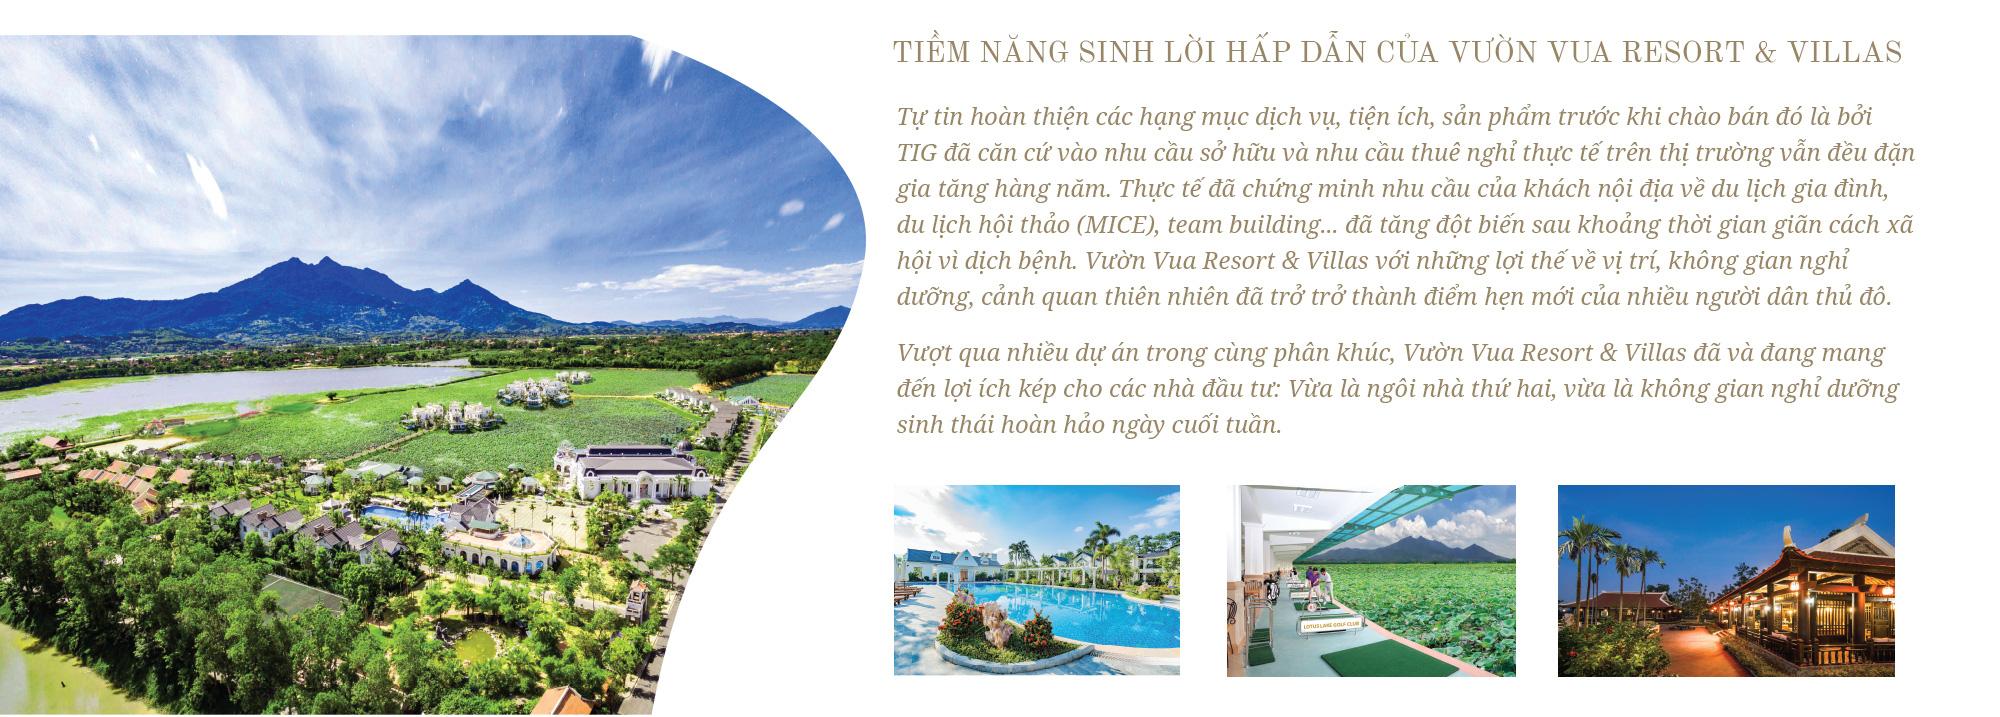 """Đón đầu xu hướng sở hữu ngôi nhà thứ hai, Vườn Vua Resort & Villas thu hút nhà đầu tư với """"lợi ích kép"""" sáng giá - Ảnh 10."""